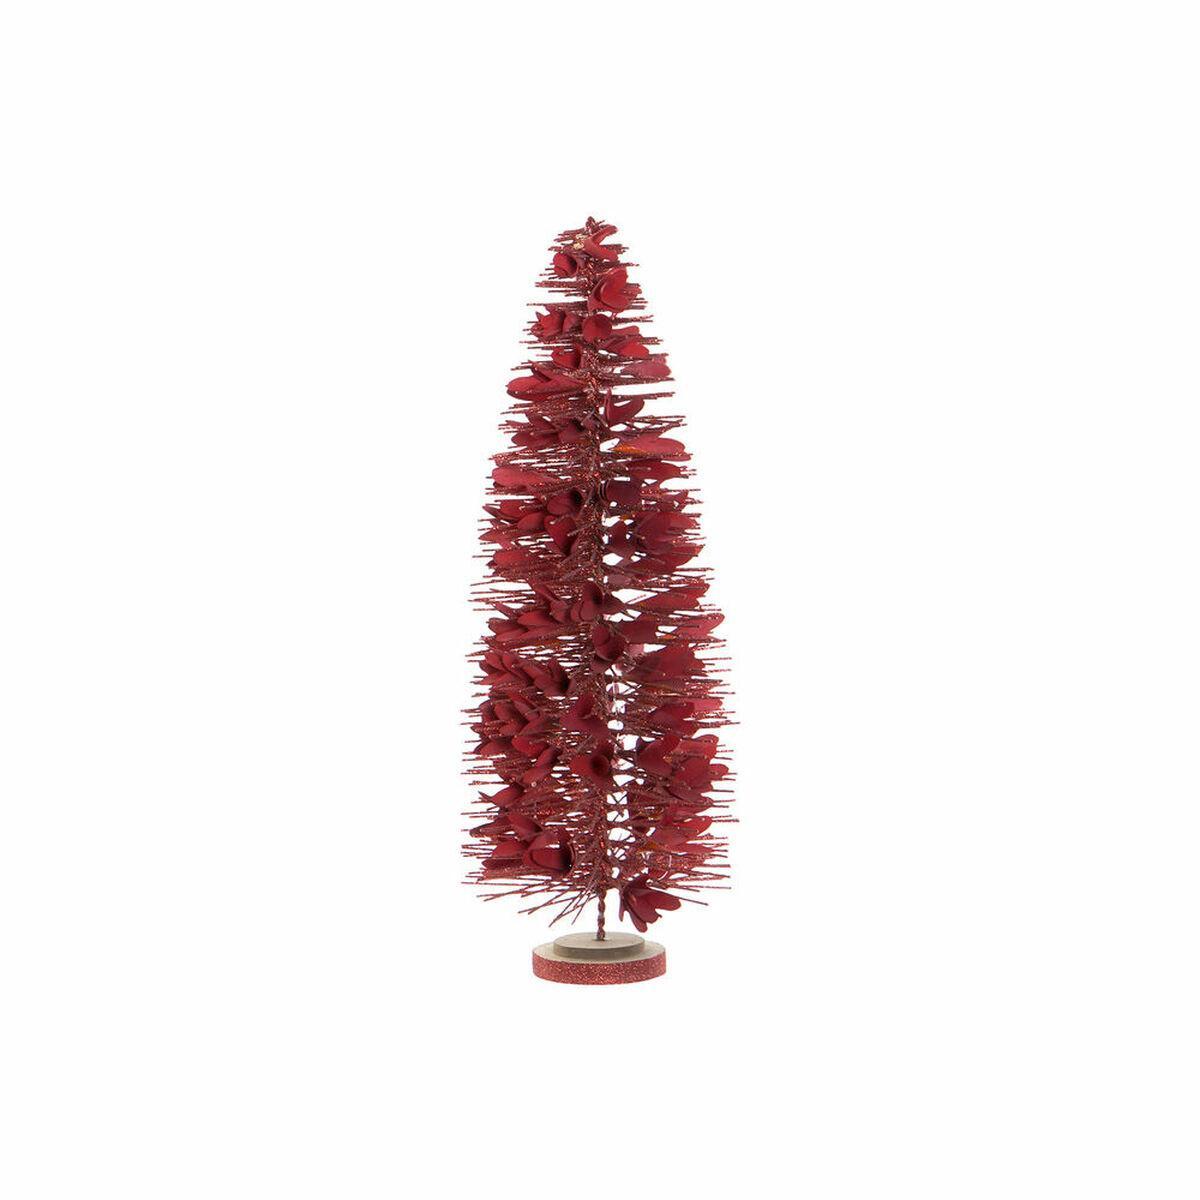 Árbol de Navidad DKD Home Decor PVC (26 x 26 x 65 cm)